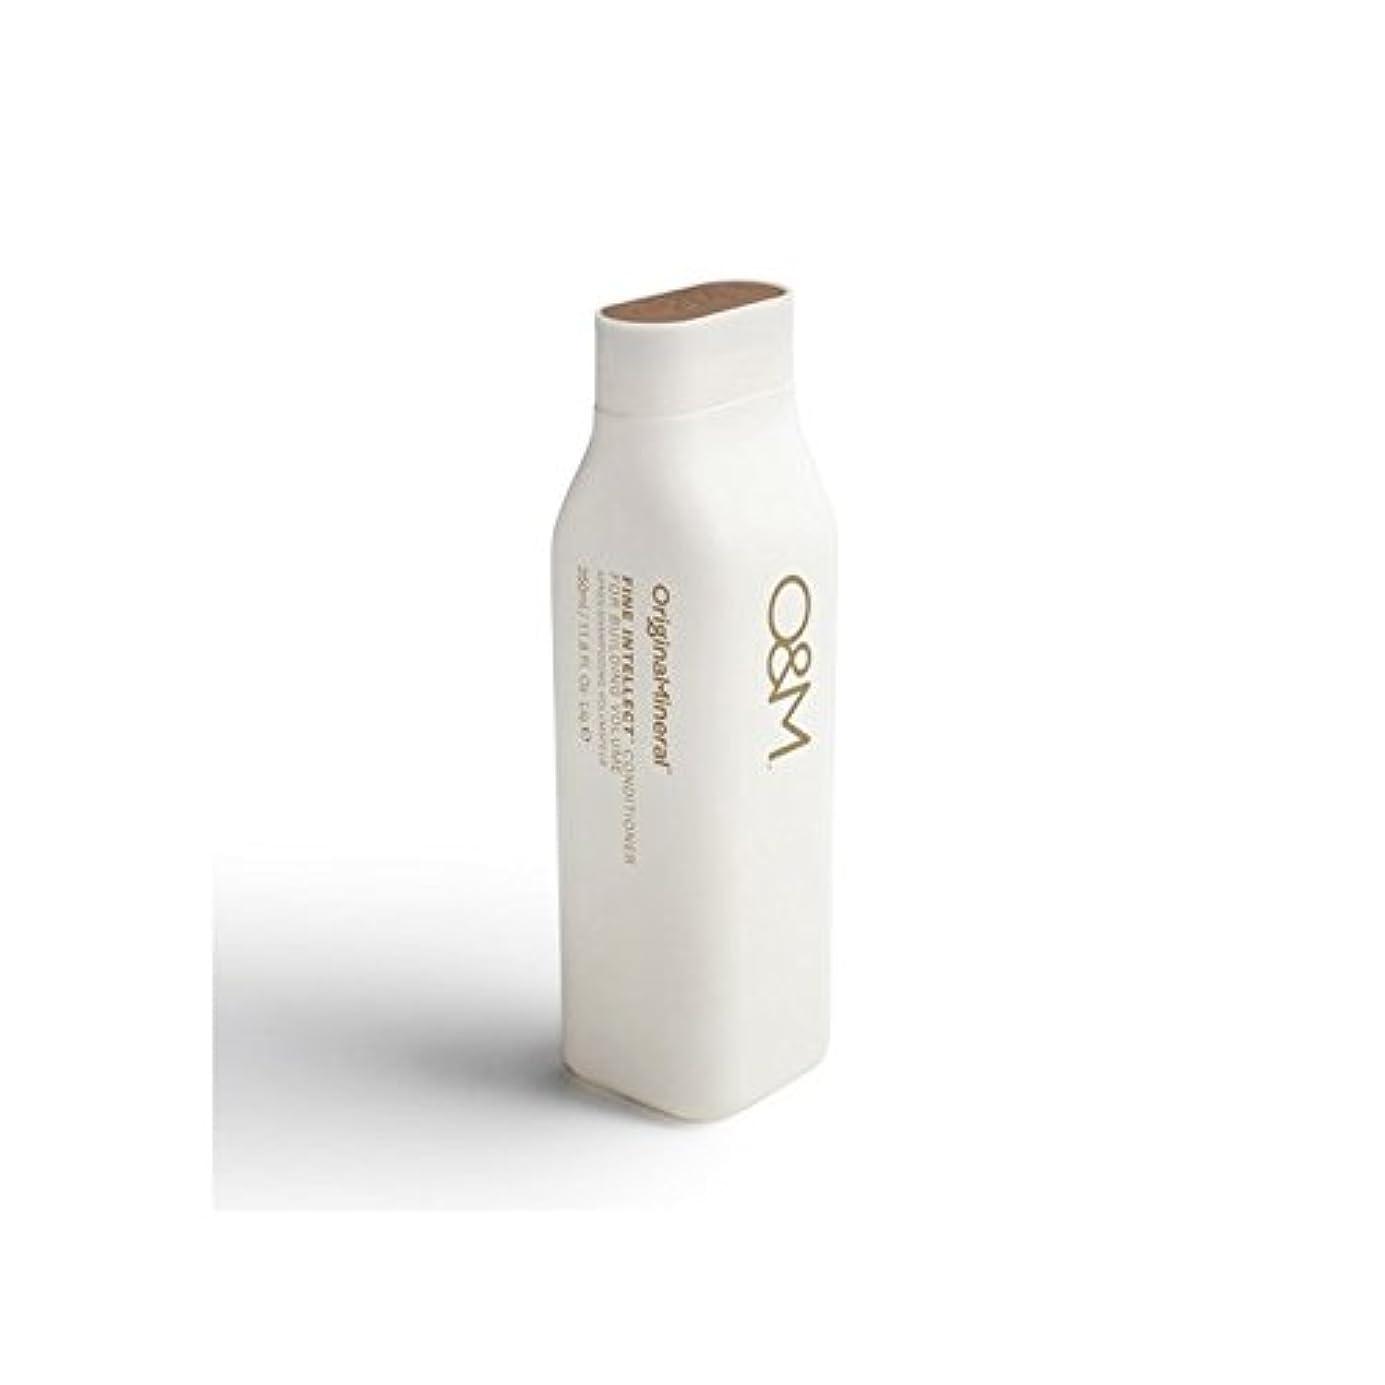 緊張する池ごちそうOriginal & Mineral Fine Intellect Conditioner (350ml) - オリジナル&ミネラル細かい知性コンディショナー(350ミリリットル) [並行輸入品]